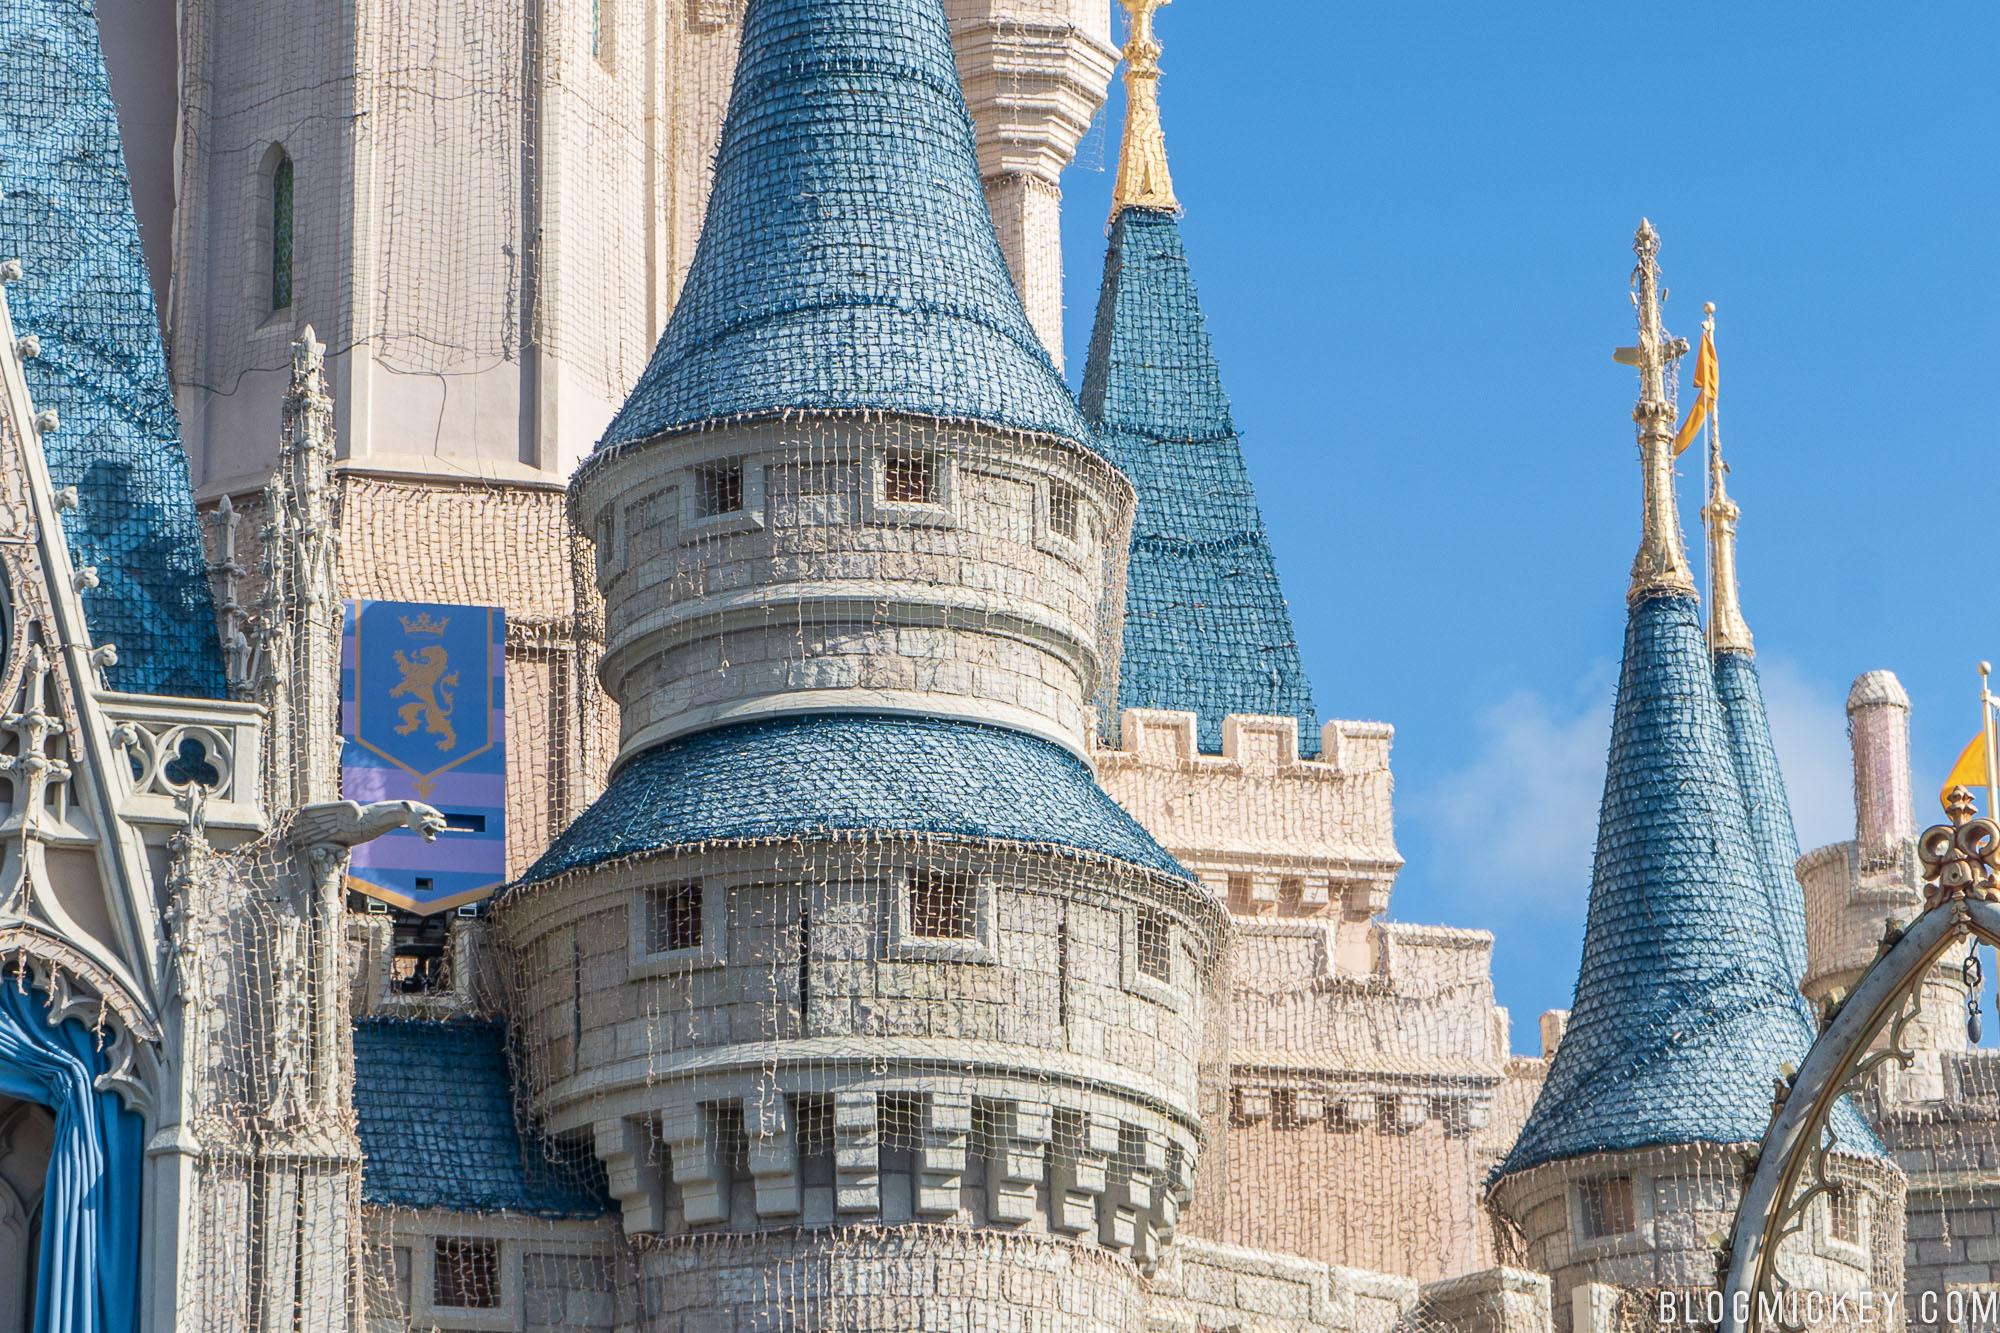 Cinderella Castle Christmas Lights.Cinderella Castle Christmas Lights Dreamlights 10172018 5